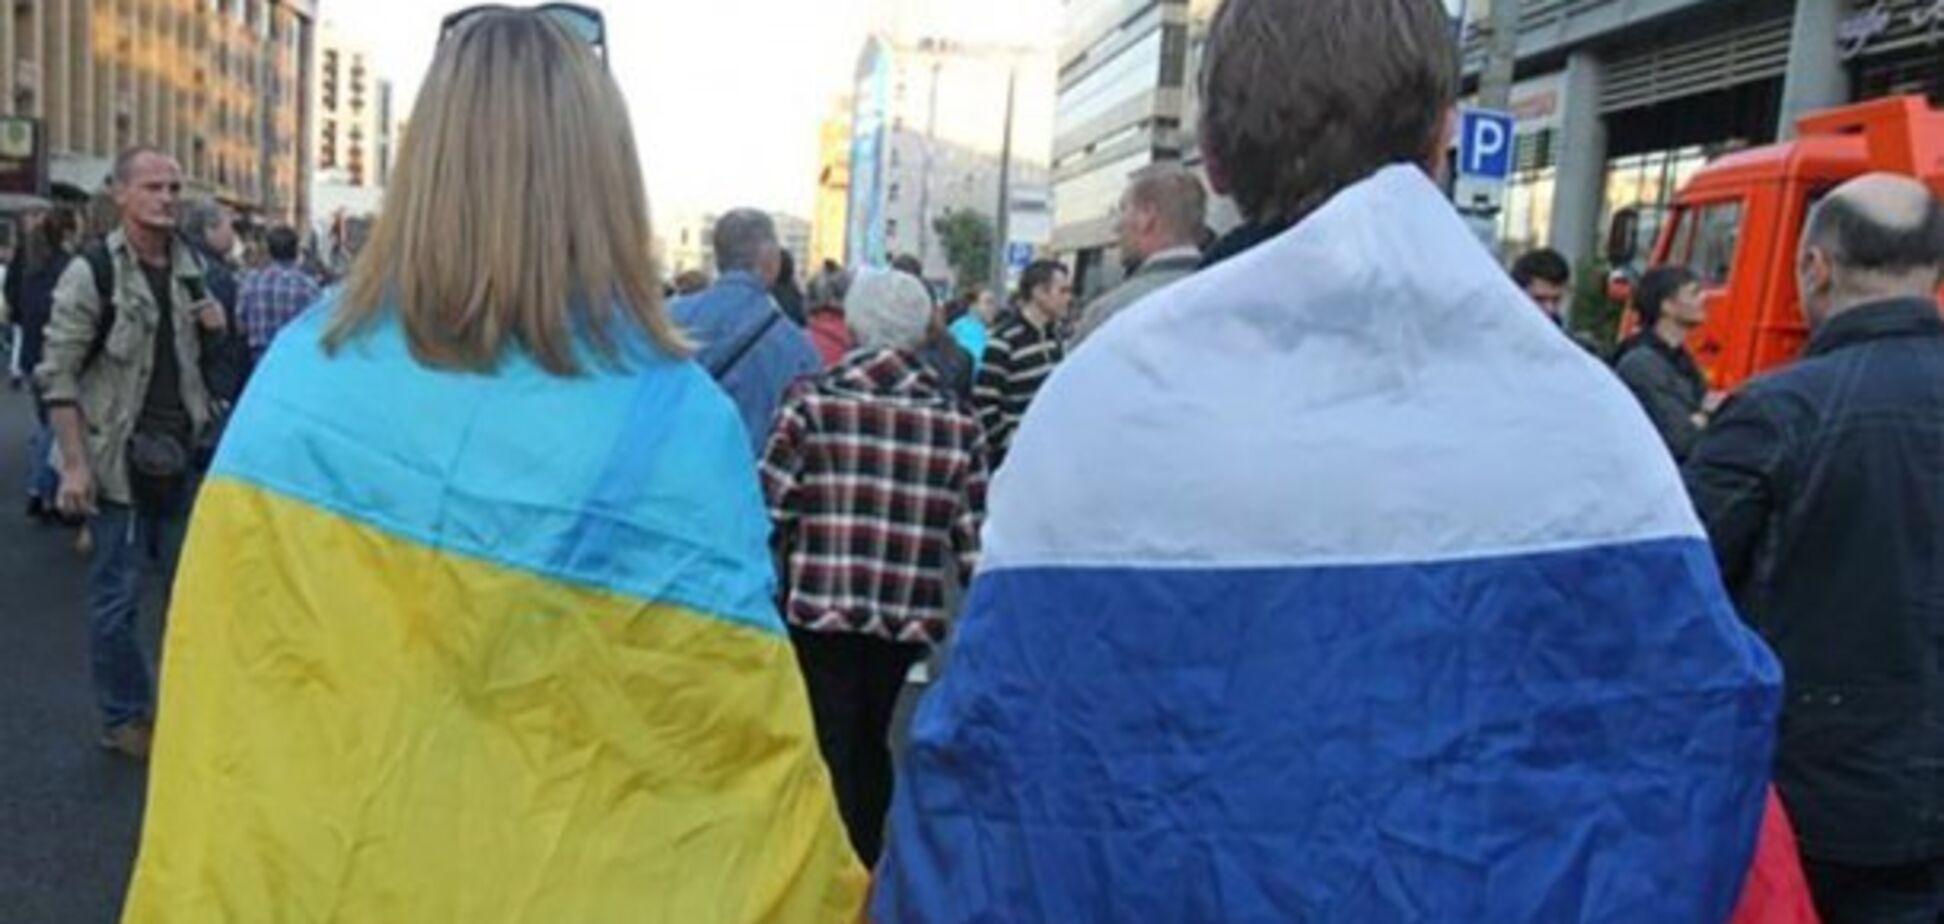 'Вважають фашистами': журналіст розповіла про страхи росіян перед українцями